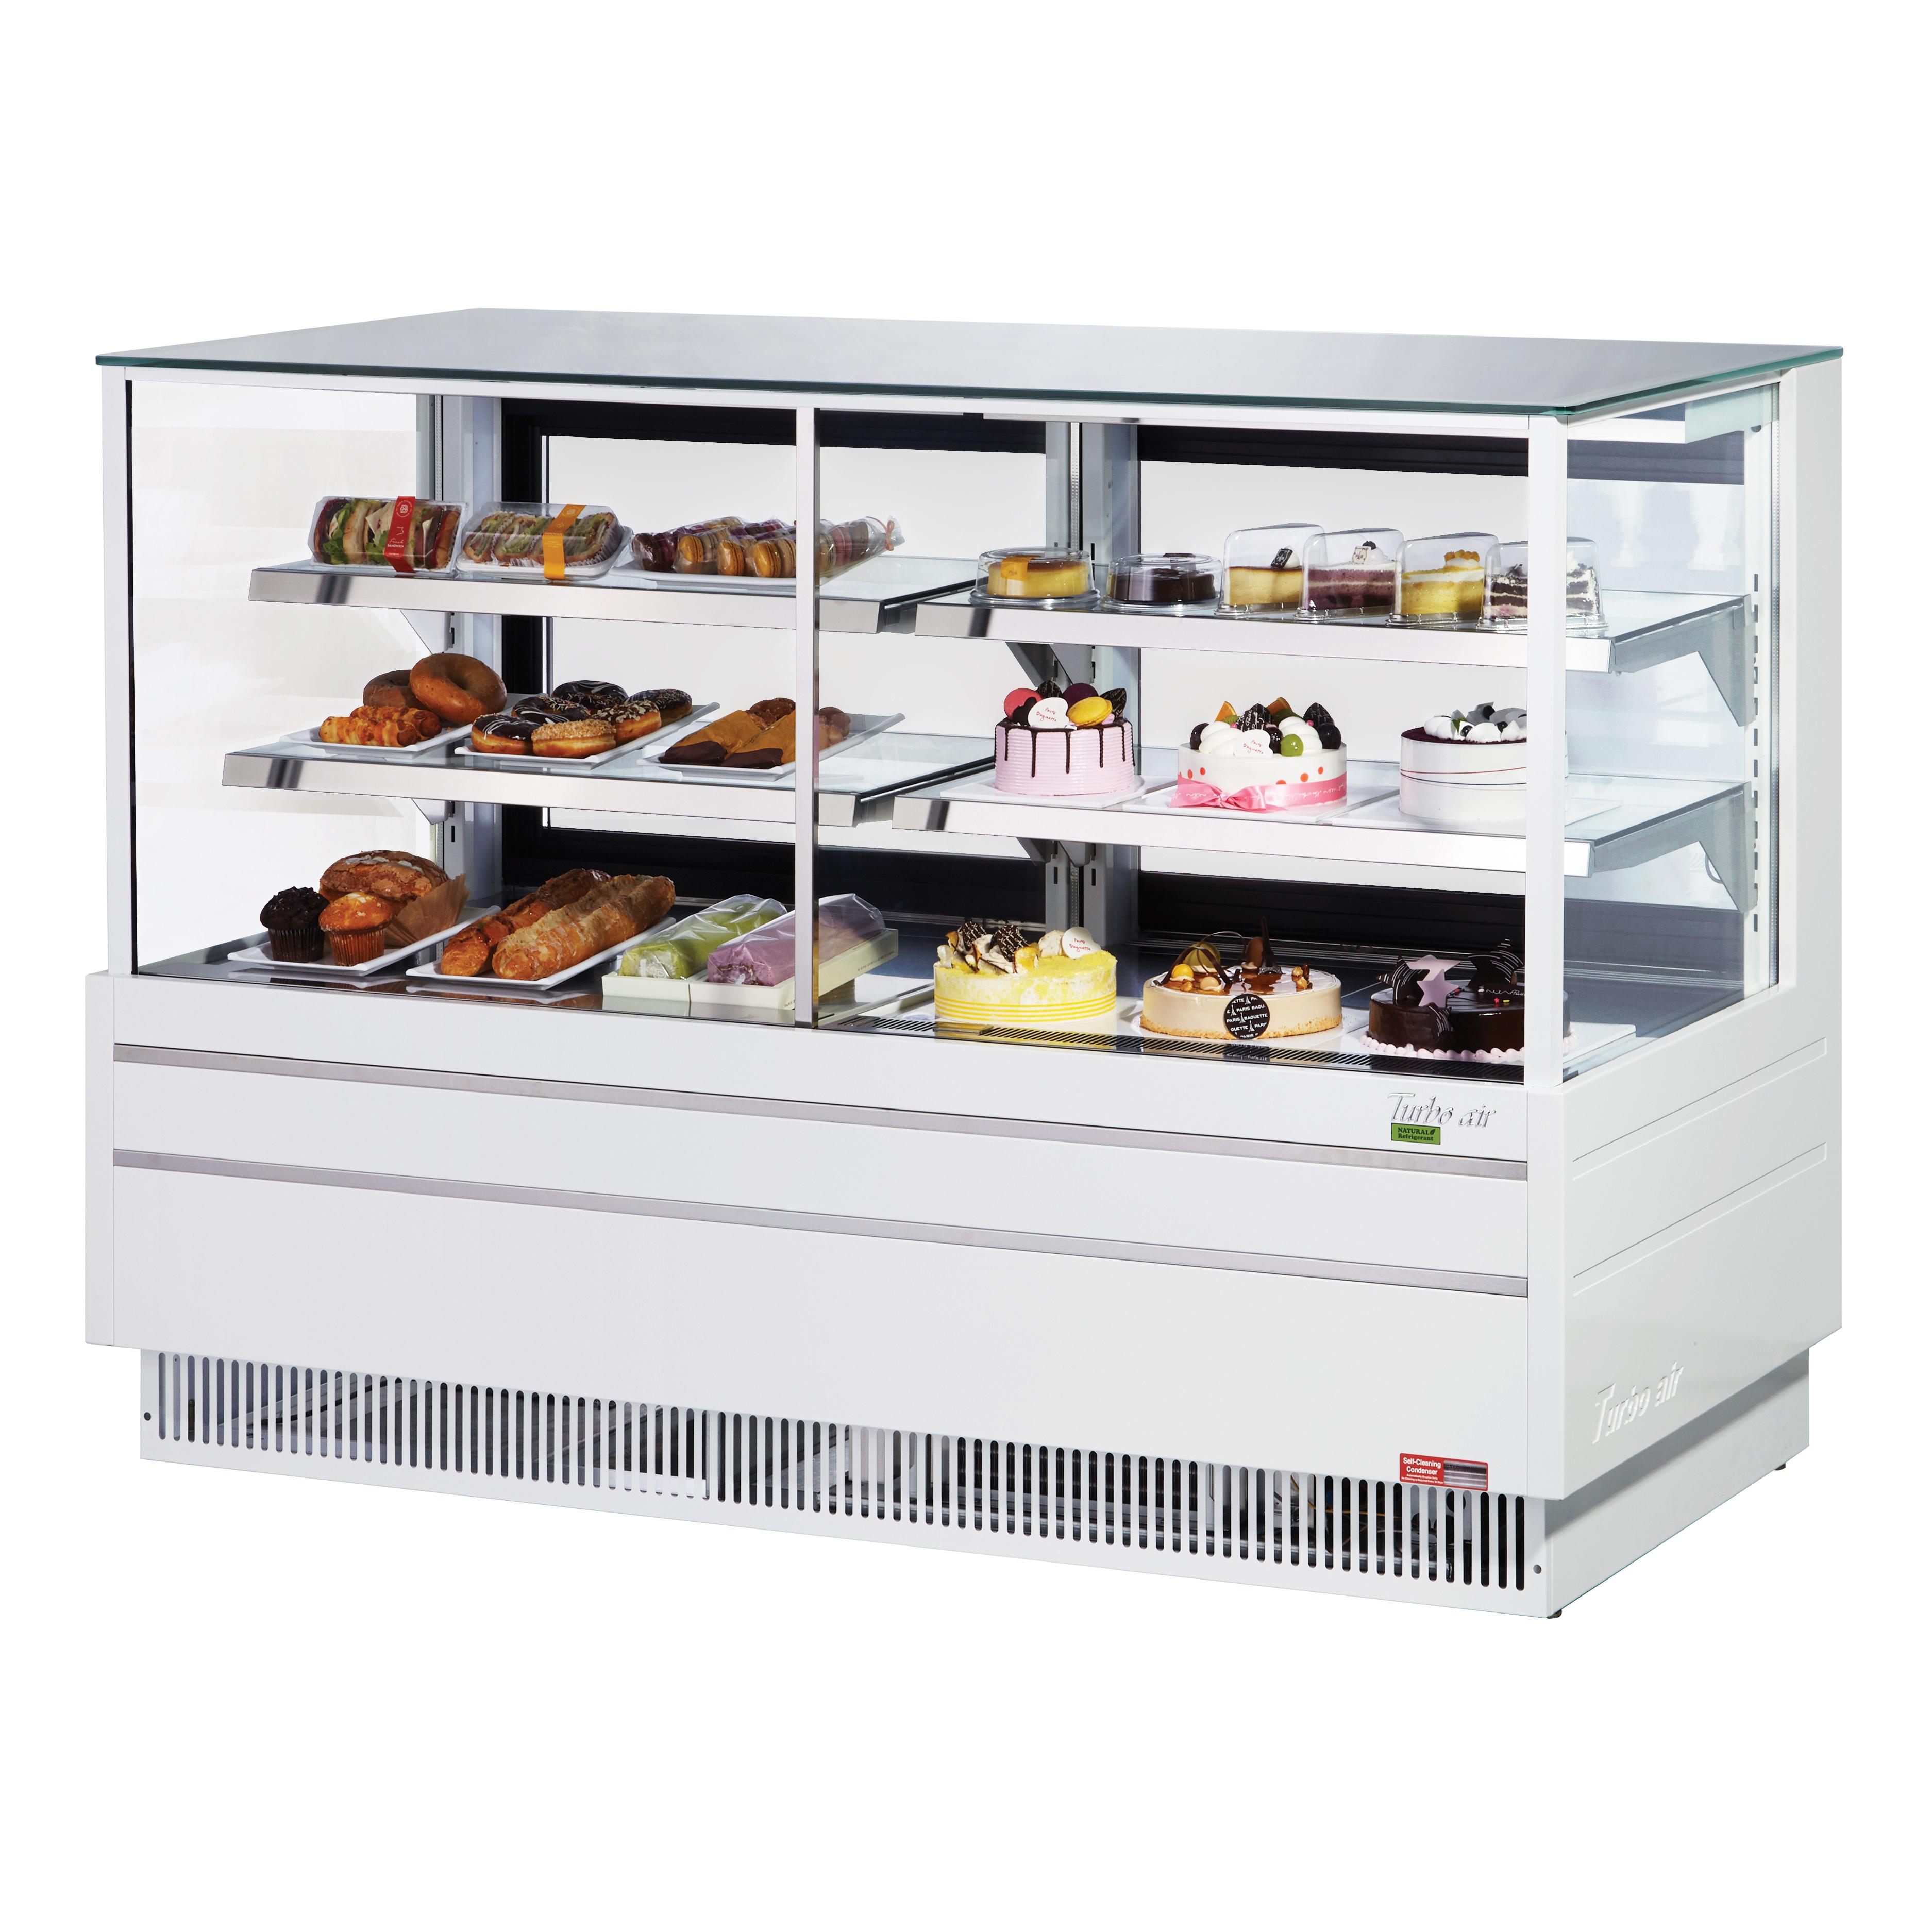 Turbo Air TCGB-72UF-CO-W(B)-N display case, refrigerated